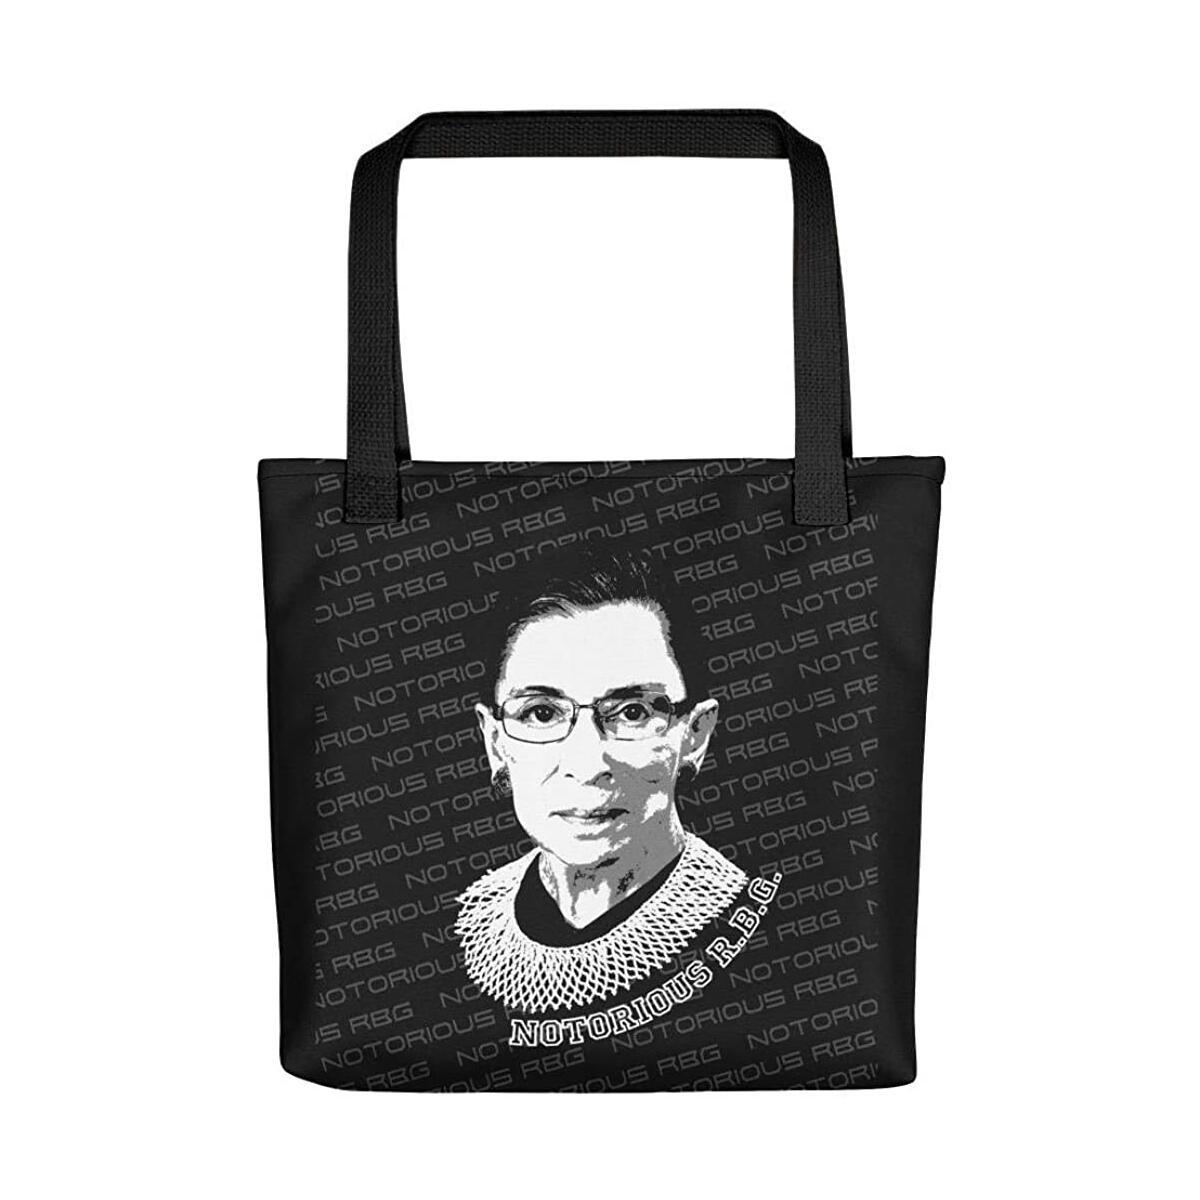 RBG Tote Bag Ruth Bader Ginsburg Notorious R.B.G. Tote Bag